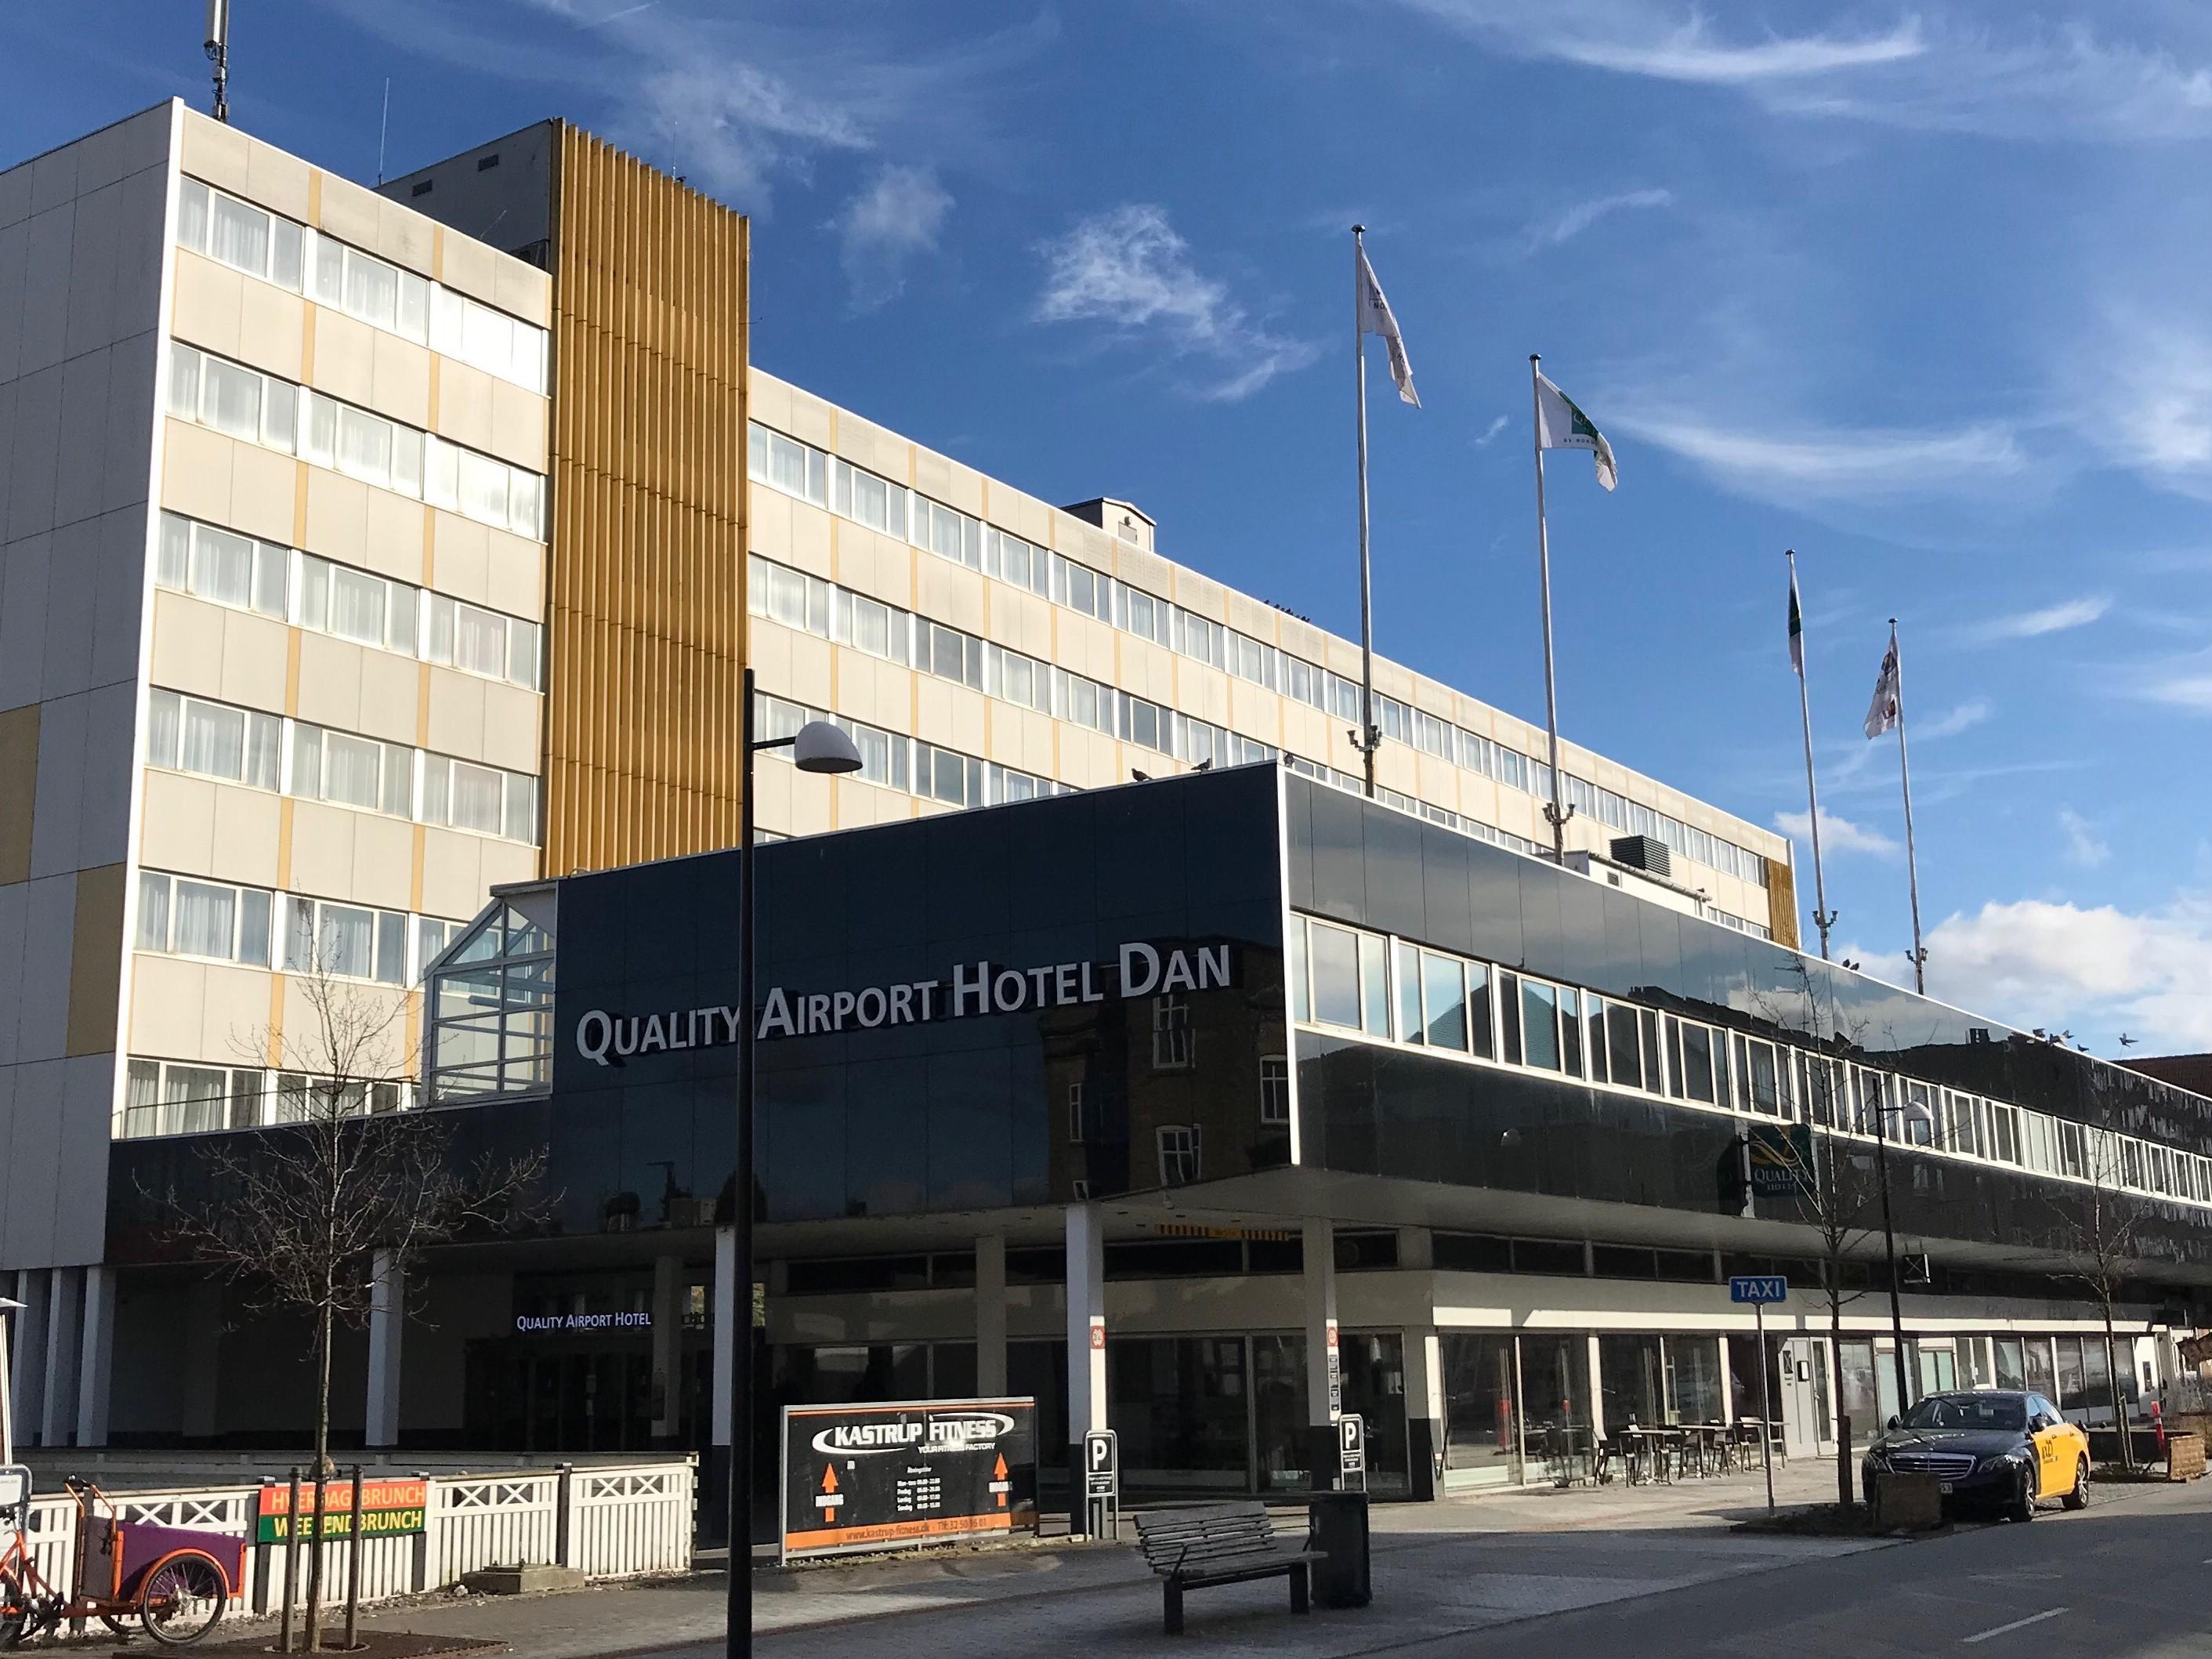 Bygningen med det kendte lufthavnshotel Hotel Dan ejes af svenske Midstar Hotels. Hotellet ligger cirka 900 meter fra lufthavnen, der er 400 meter til nærmeste metrostation ligesom hotellet har en shuttlebus til lufthavnen. Foto via Core Hospitality.